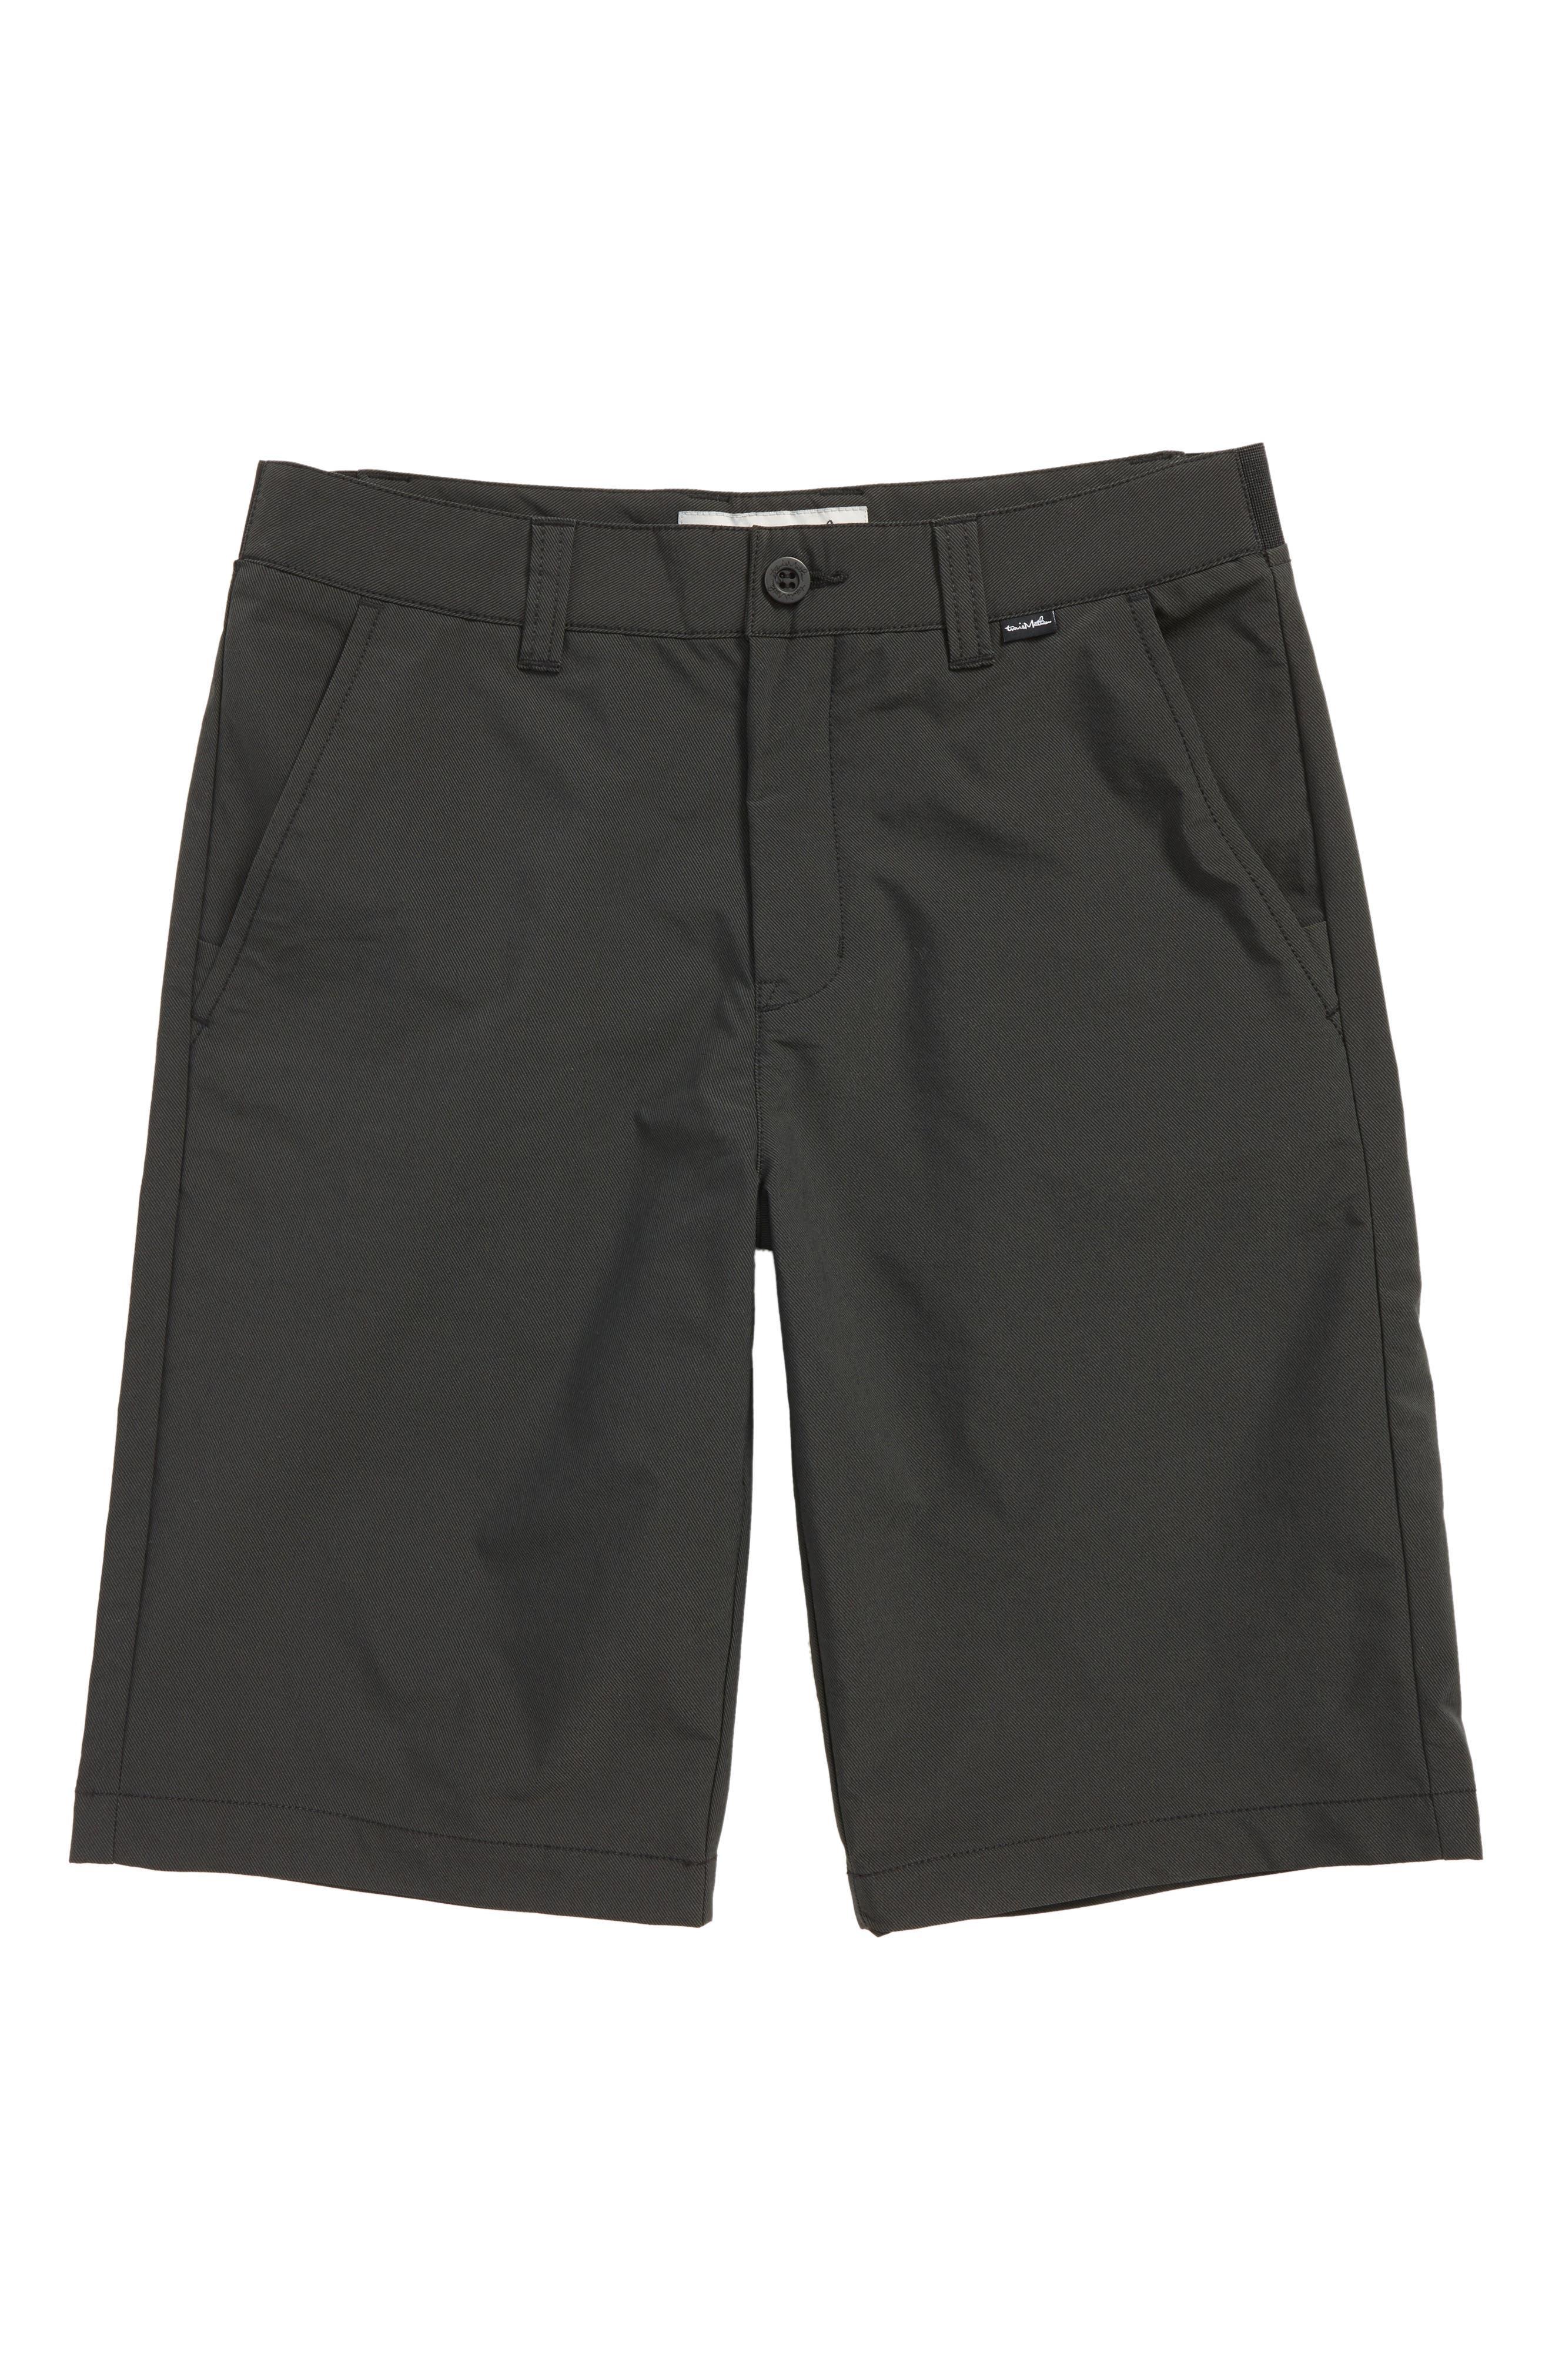 Hef Flex Shorts,                         Main,                         color, Black